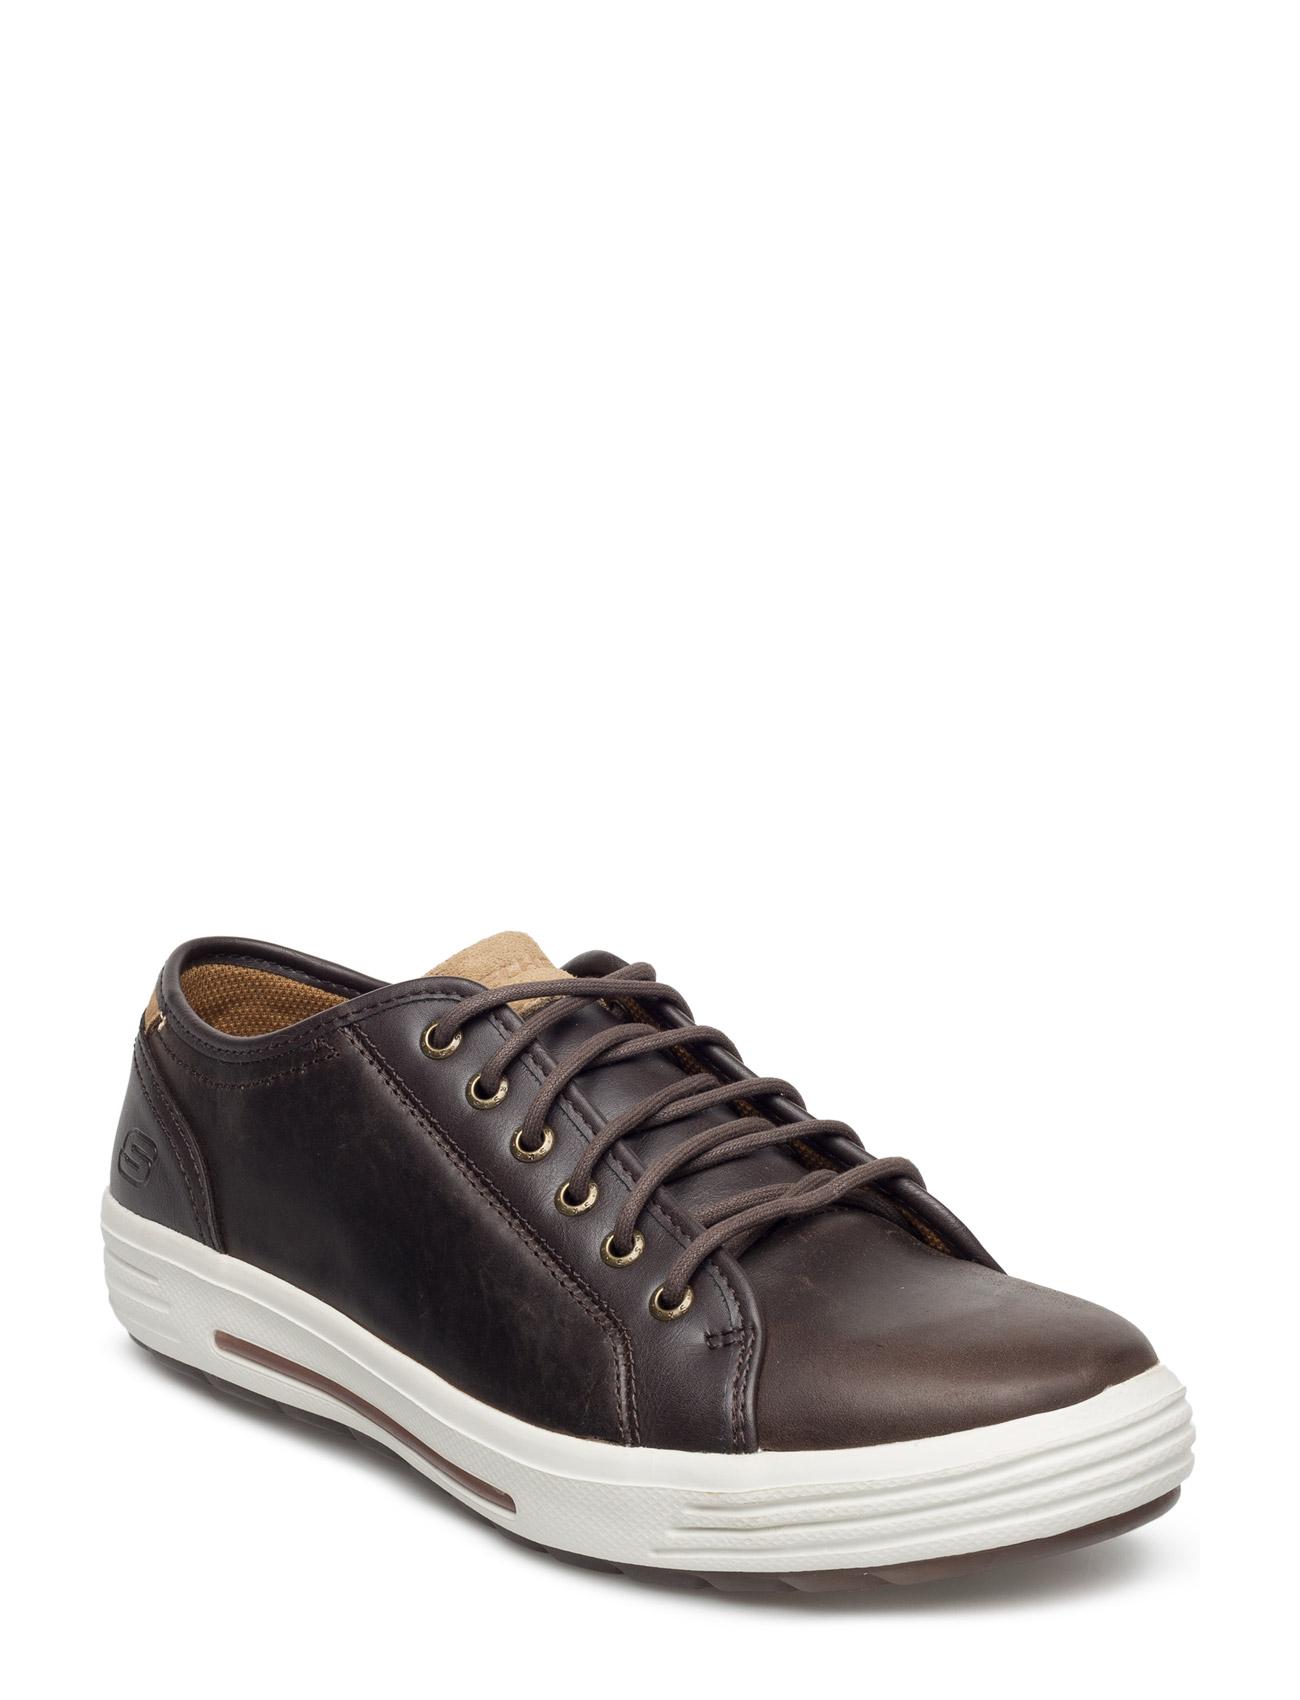 Skechers Porter - Ressen Skechers Sneakers til Mænd i